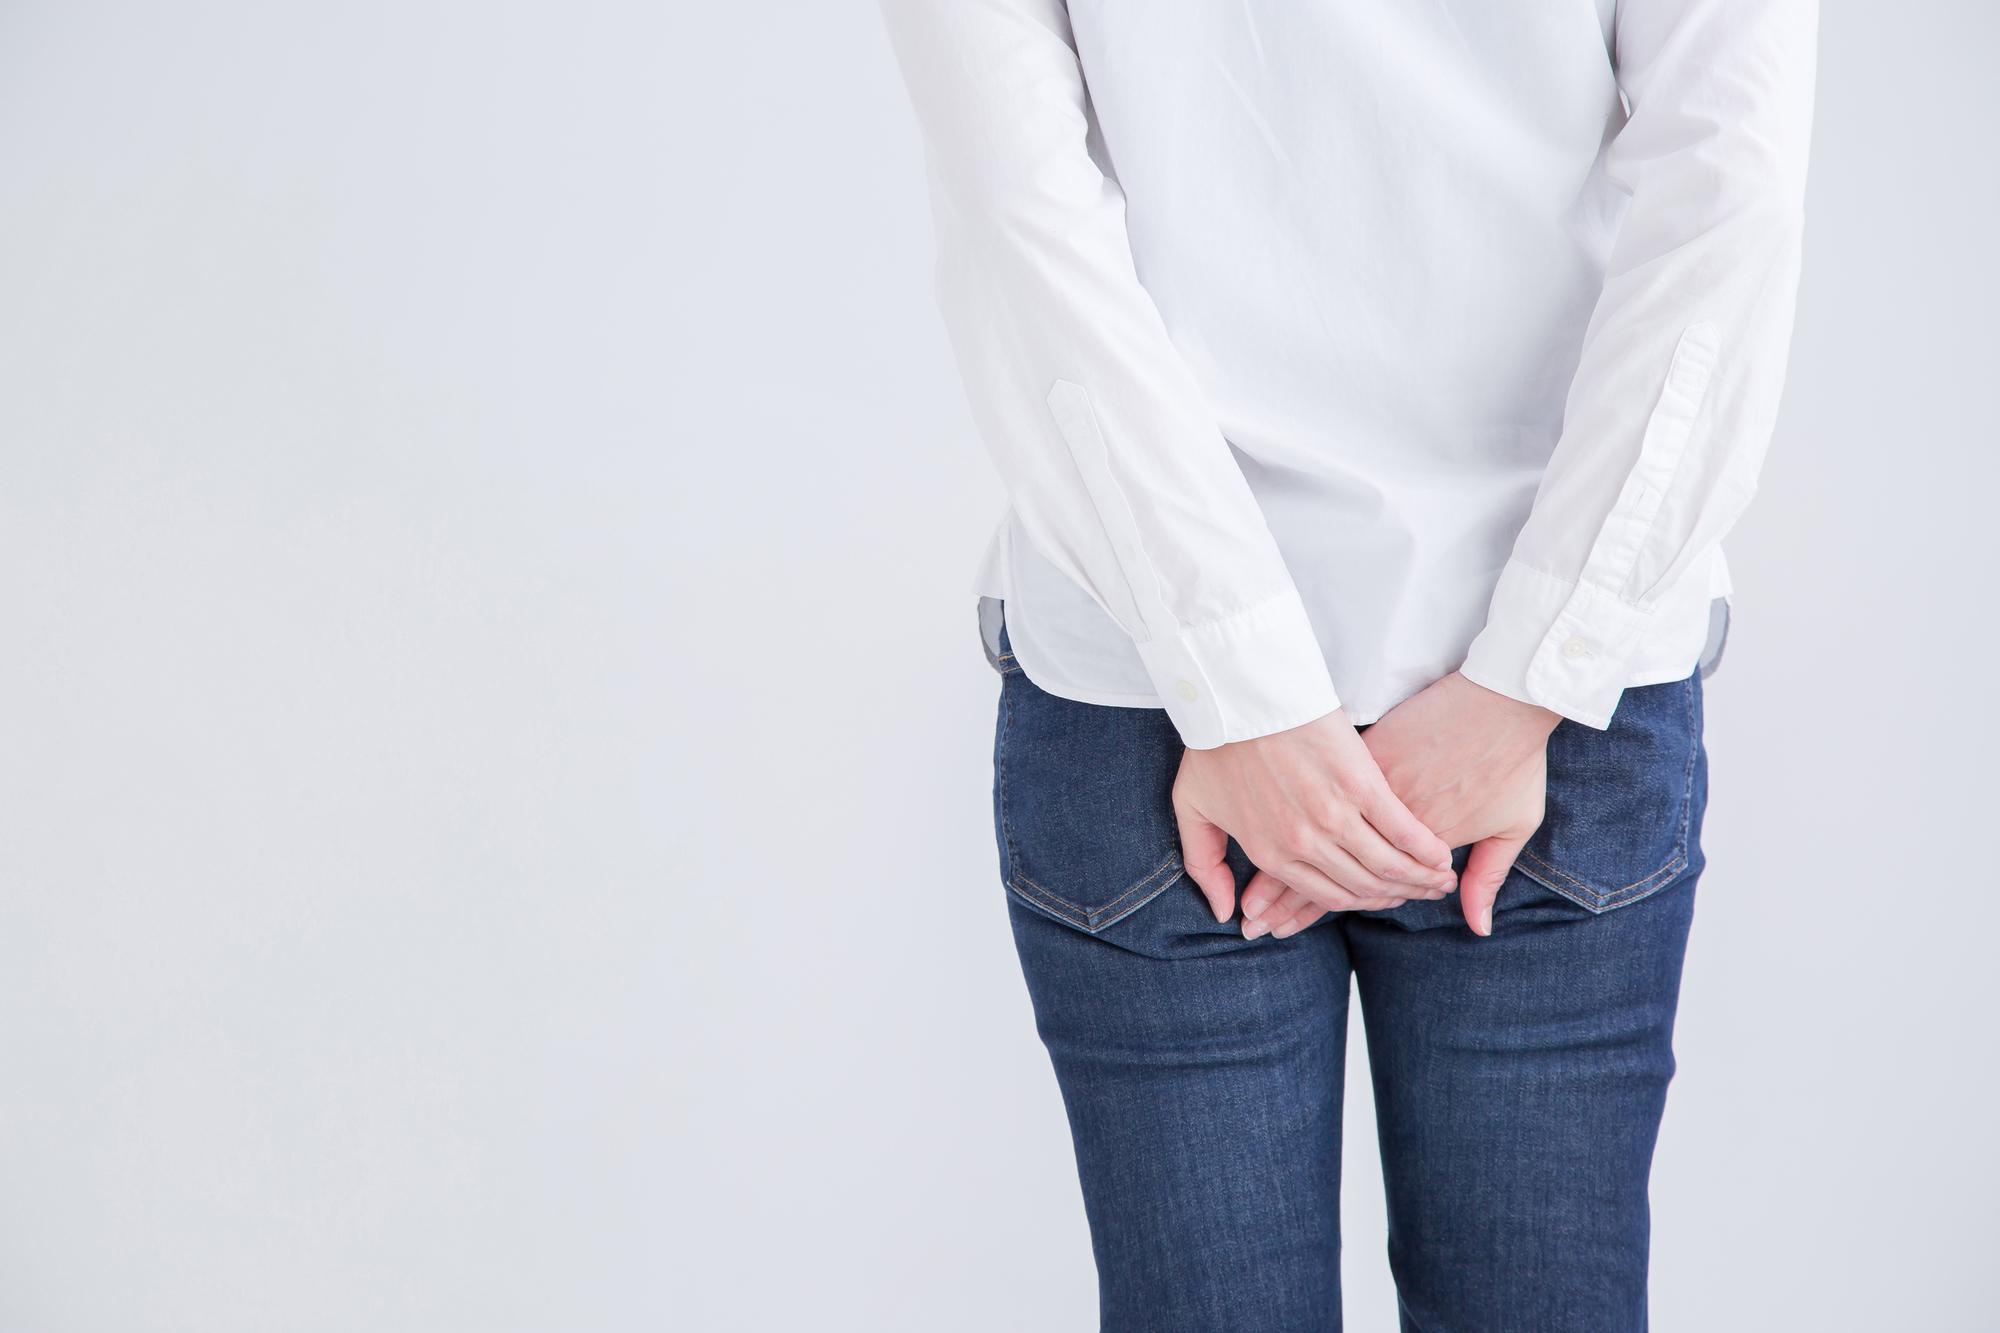 産後の尿漏れ「勝手に尿が出る」を治したい!改善方法を教えて!医師監修